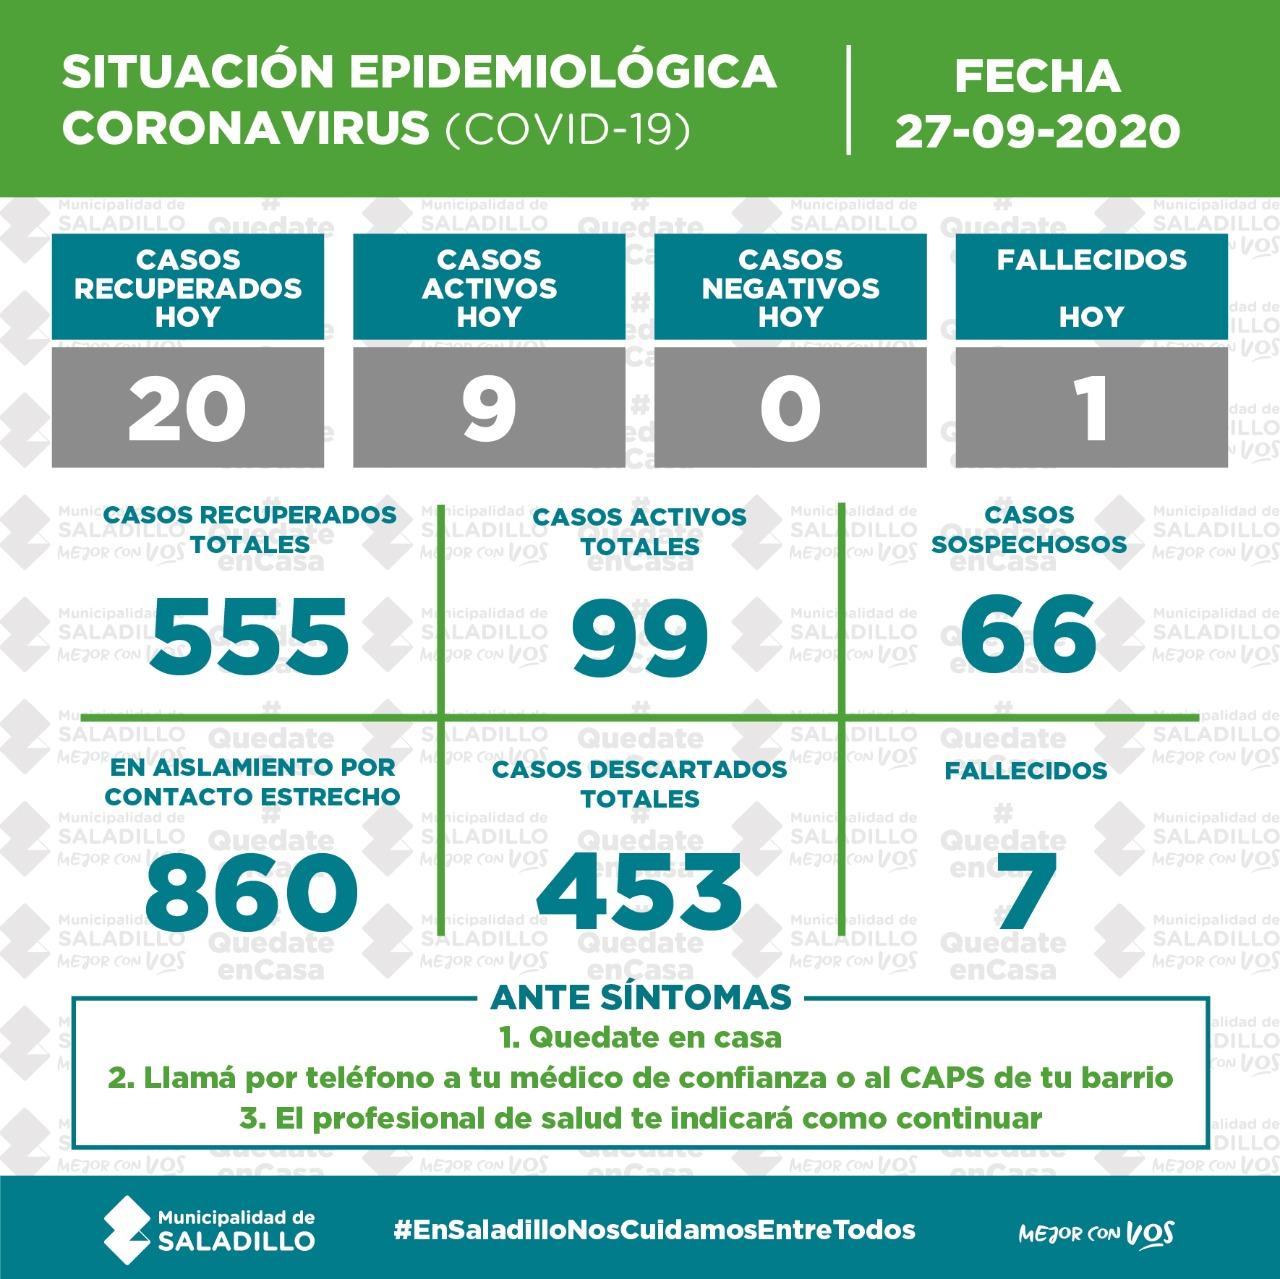 SITUACIÓN EPIDEMIOLÓGICA EN SALADILLO al 27/9/2020